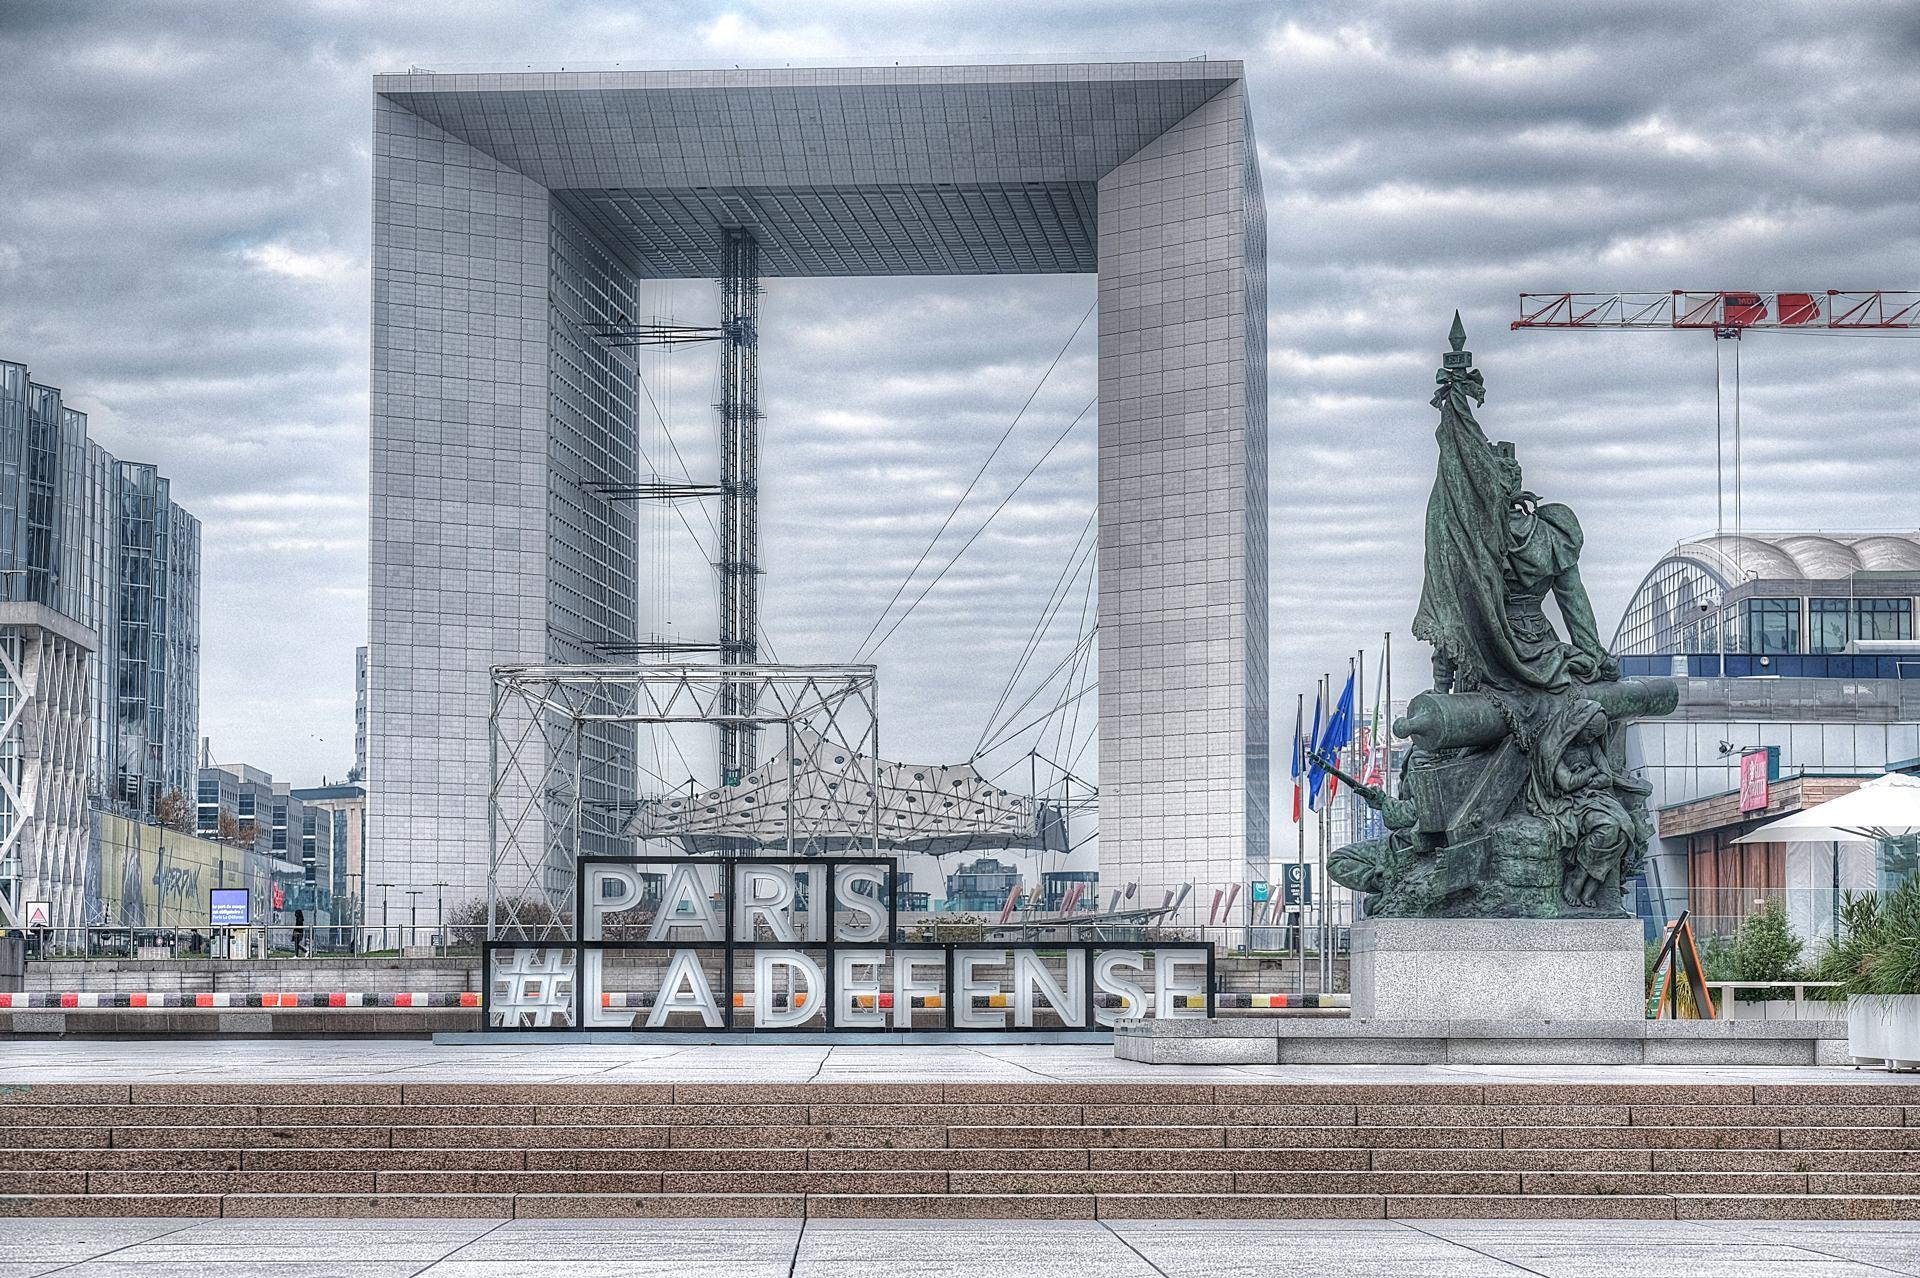 Paris La Défense!